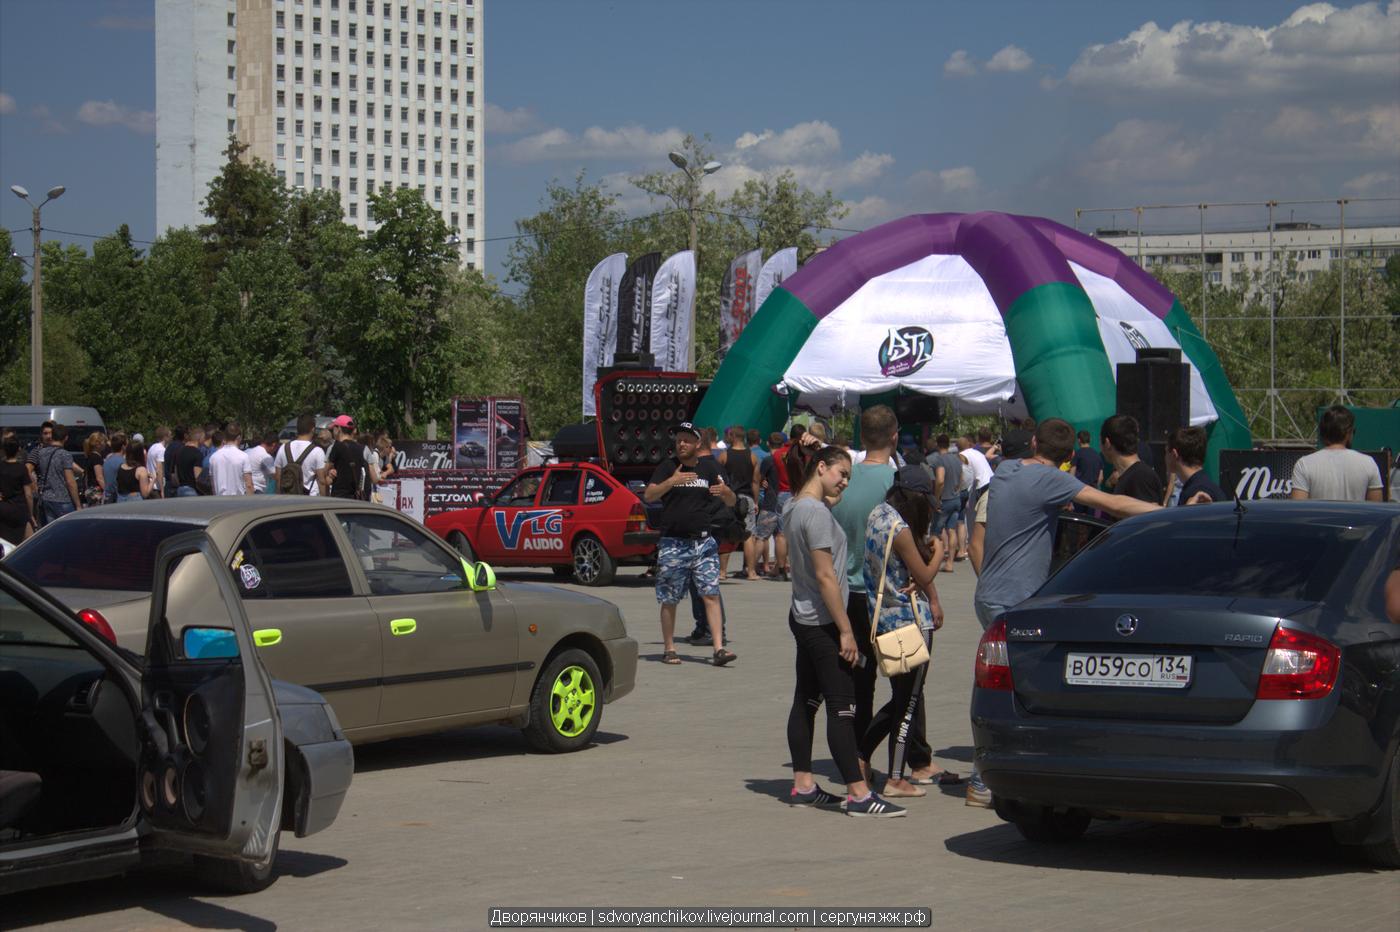 Очередные соревнования по Автозвуку состоялись в Волжском. В отличие от прошлого года, нынешний Автозвук получился намного скромнее. Место проведения - Парк Волжский 19-05-2018 :)